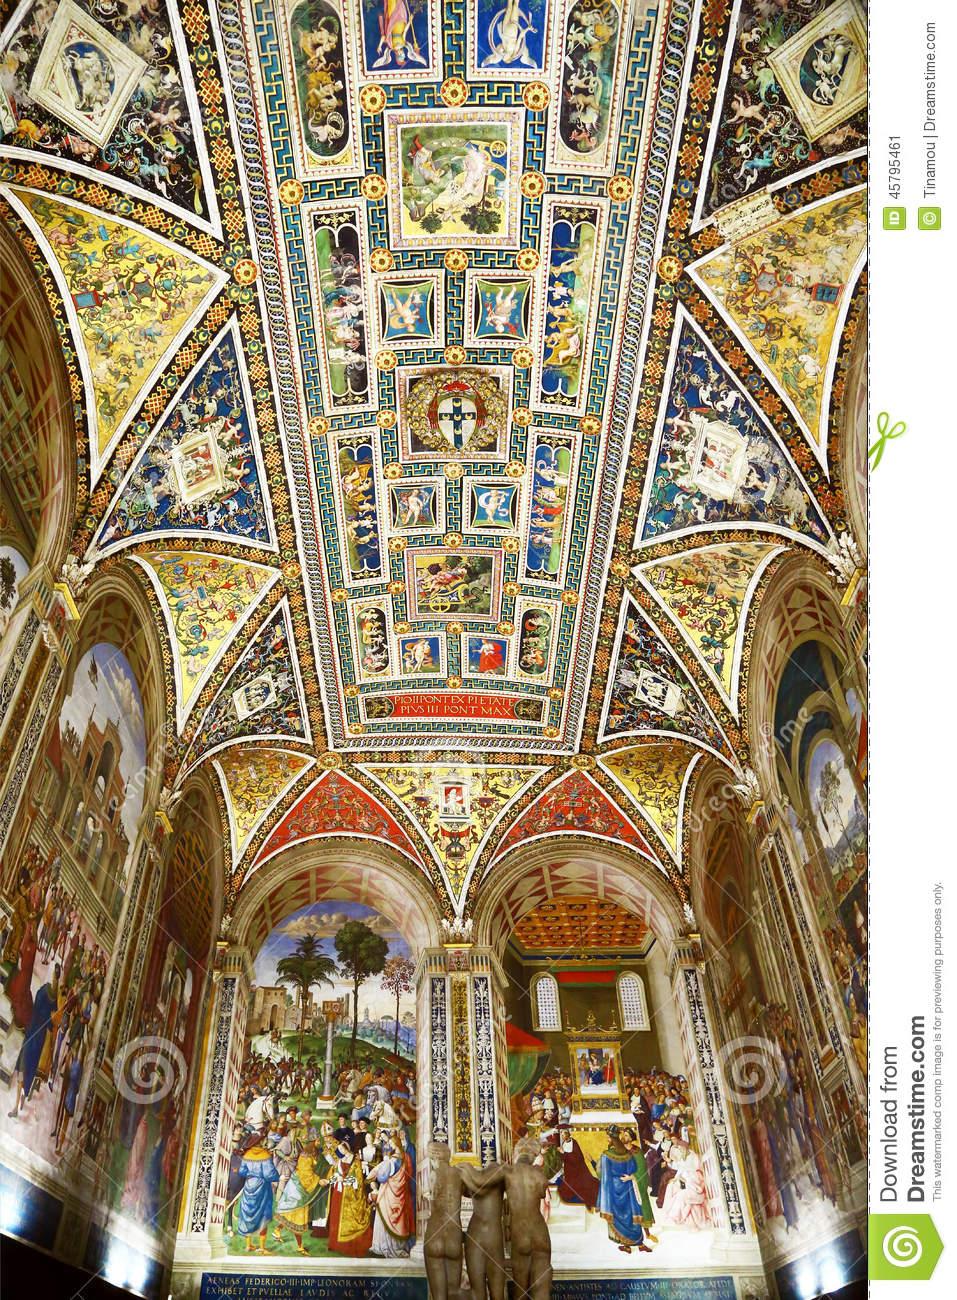 Duomo di siena clipart #10